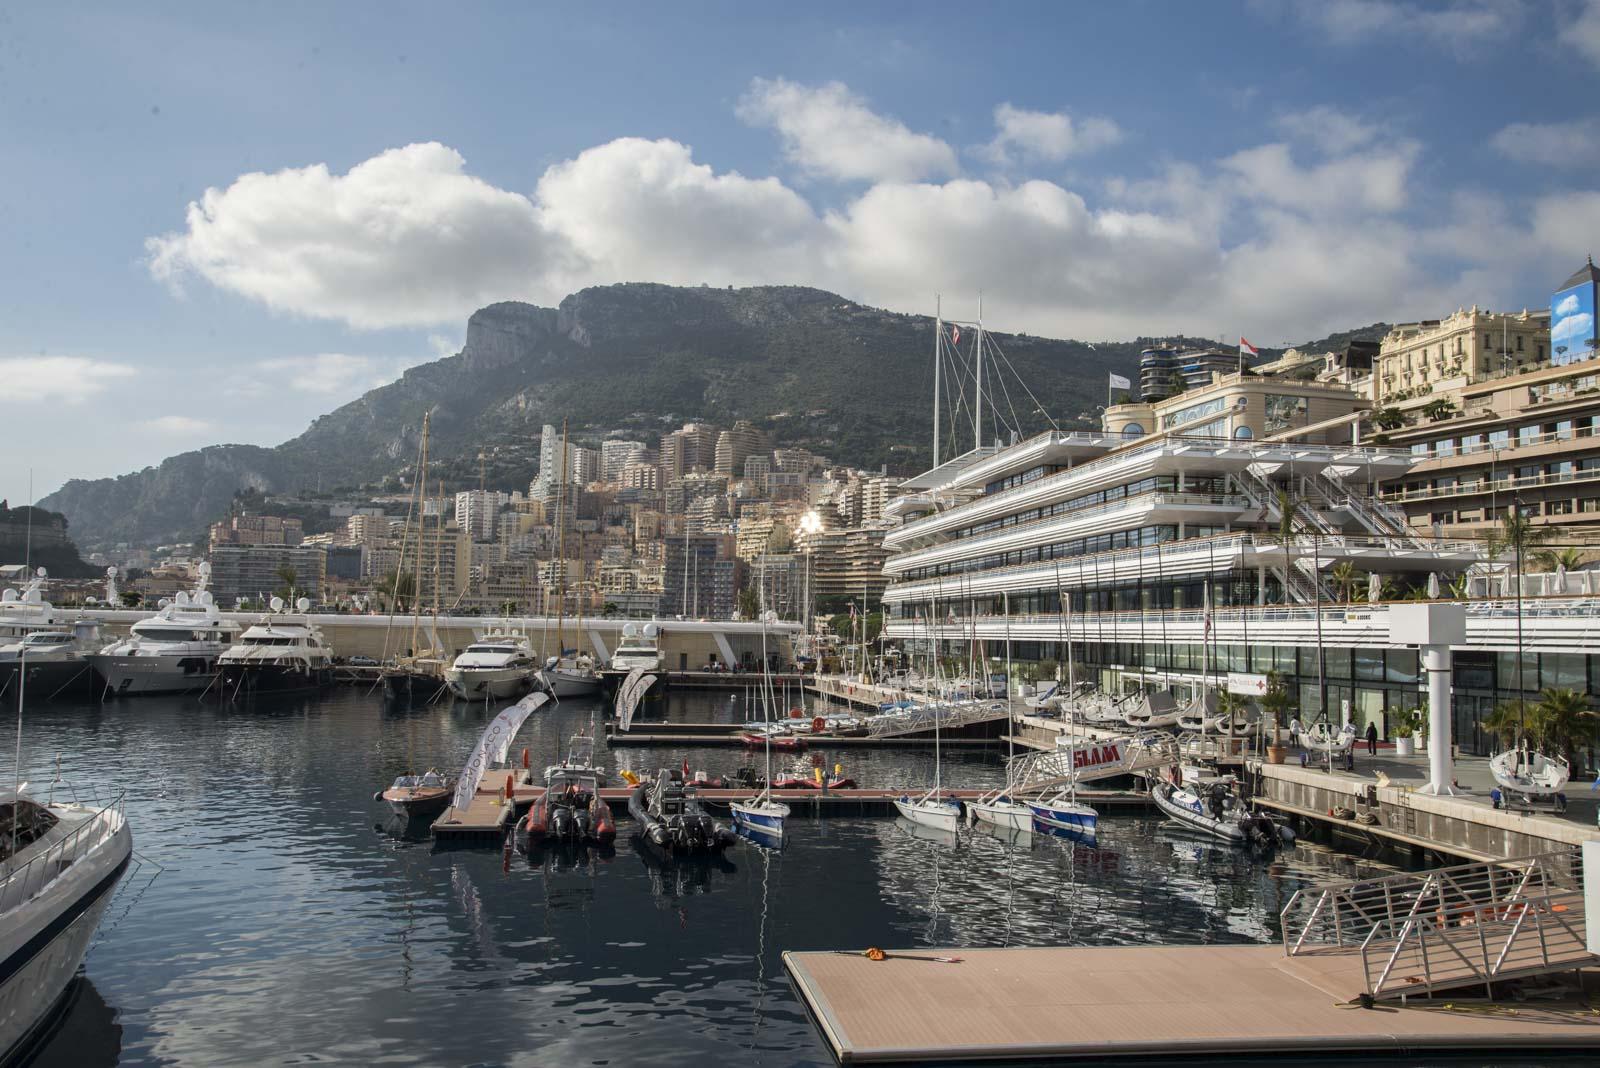 Bygget til Monaco Yacht Club er selvfølgelig formet som en Yacht, og ruver godt nede på brygga.